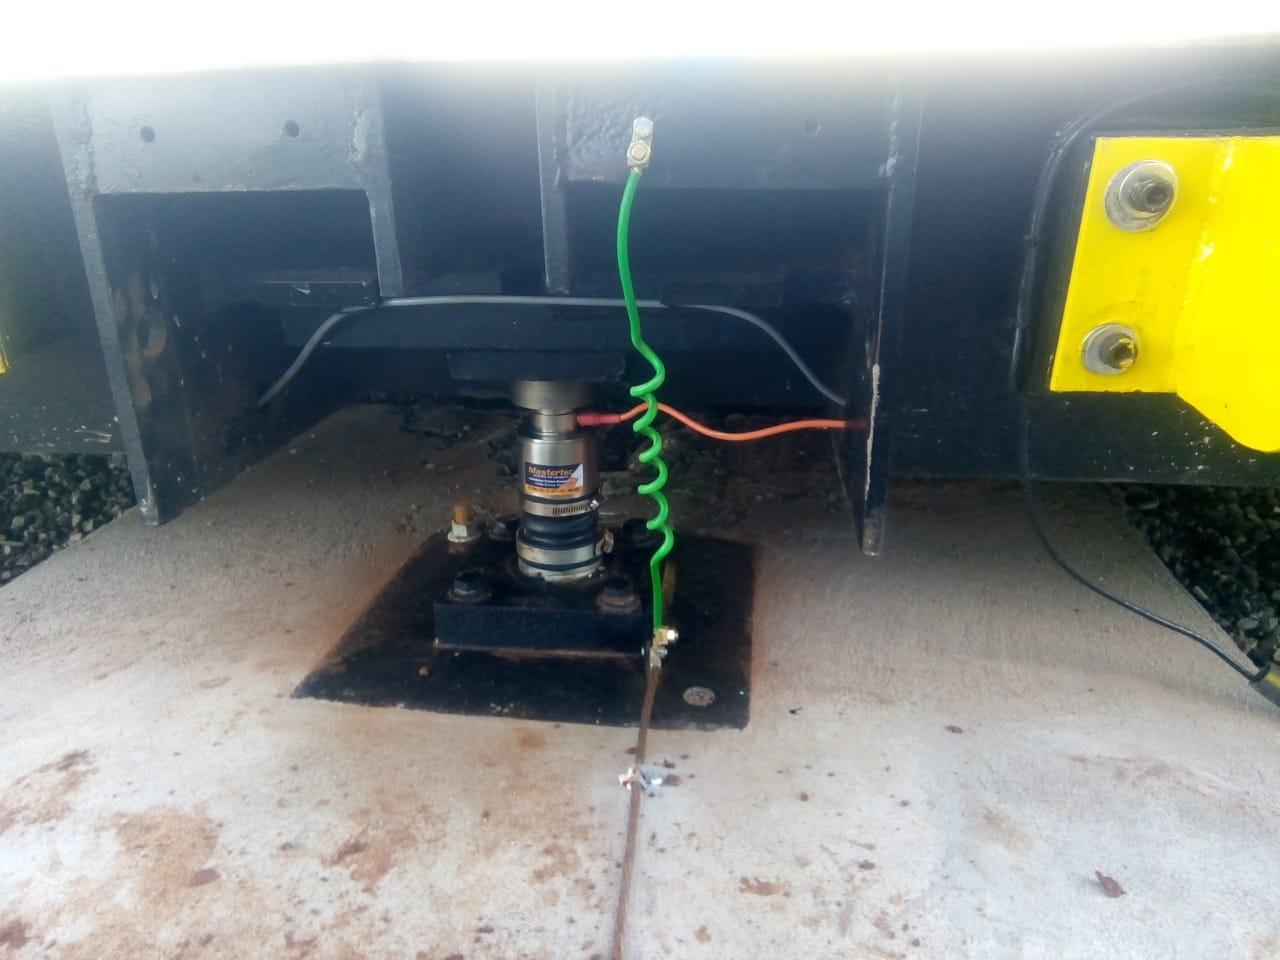 Celula de carga balança rodoviária